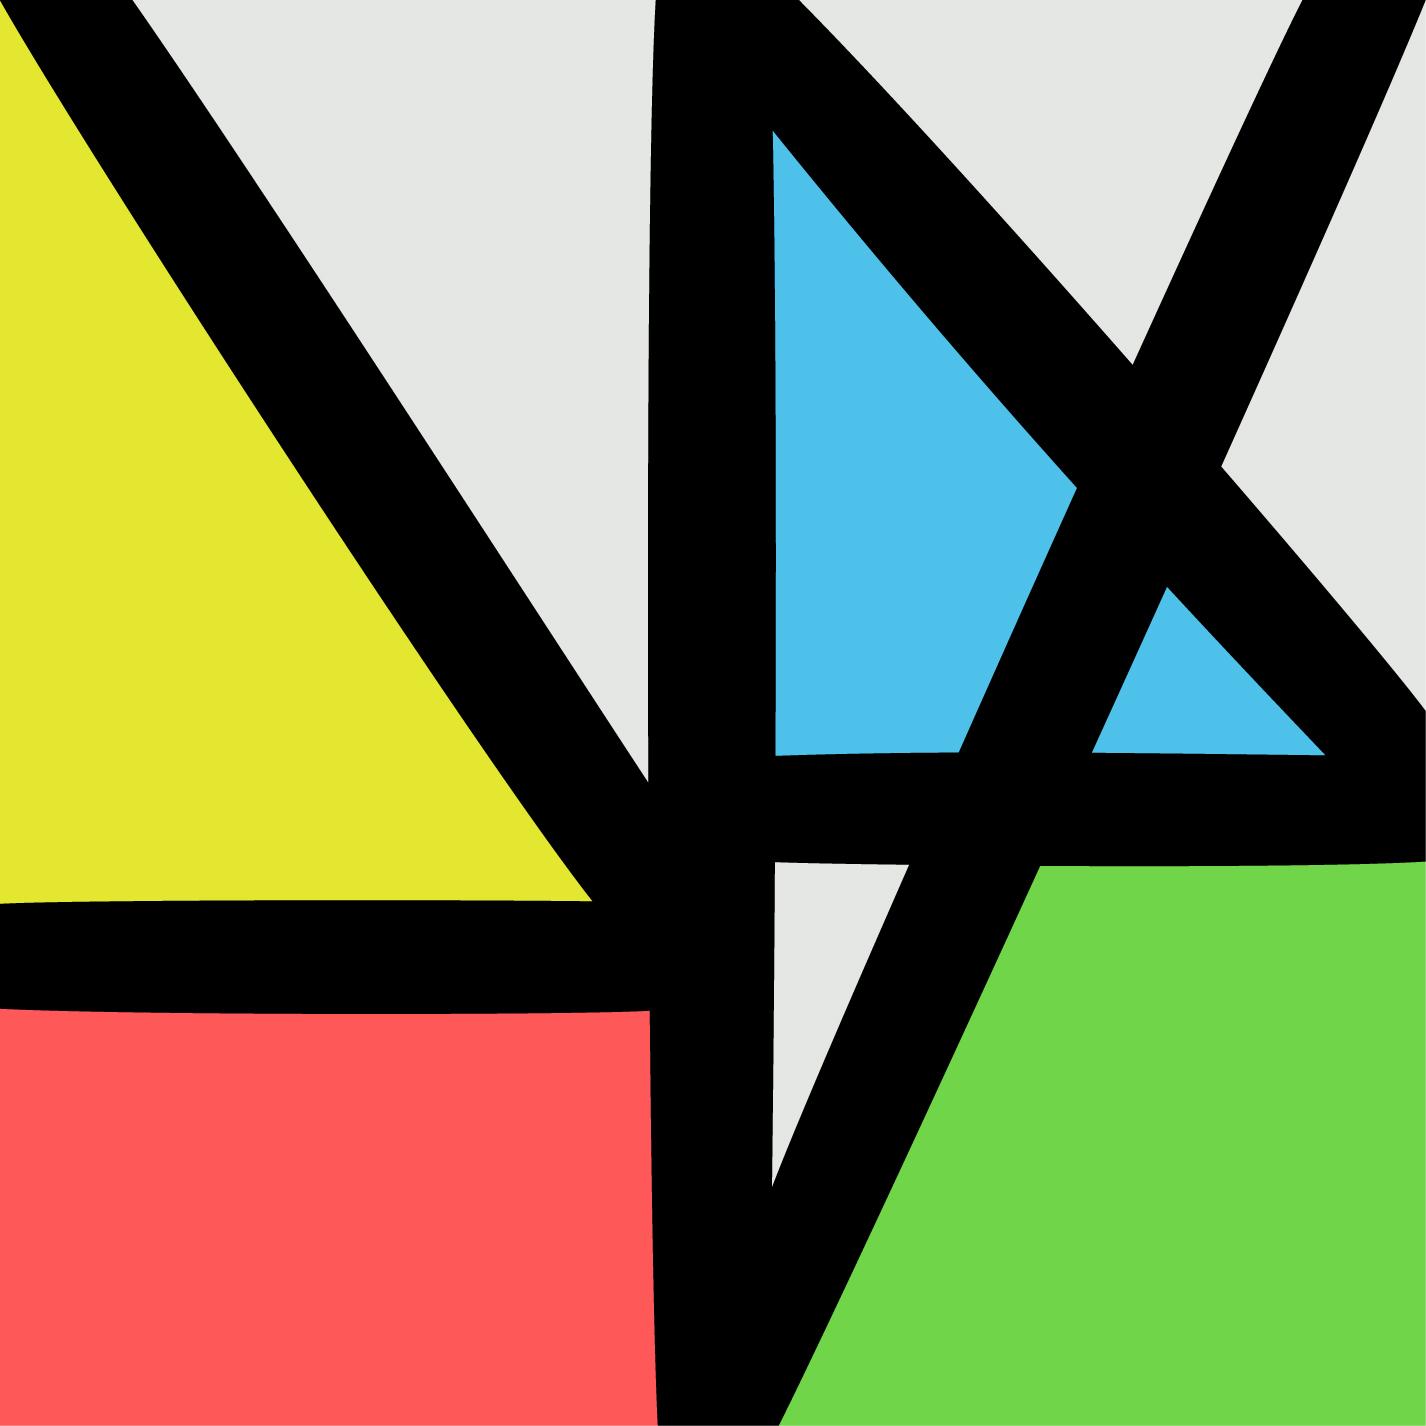 Superheated, la nuova canzone dei New Order con Brandon